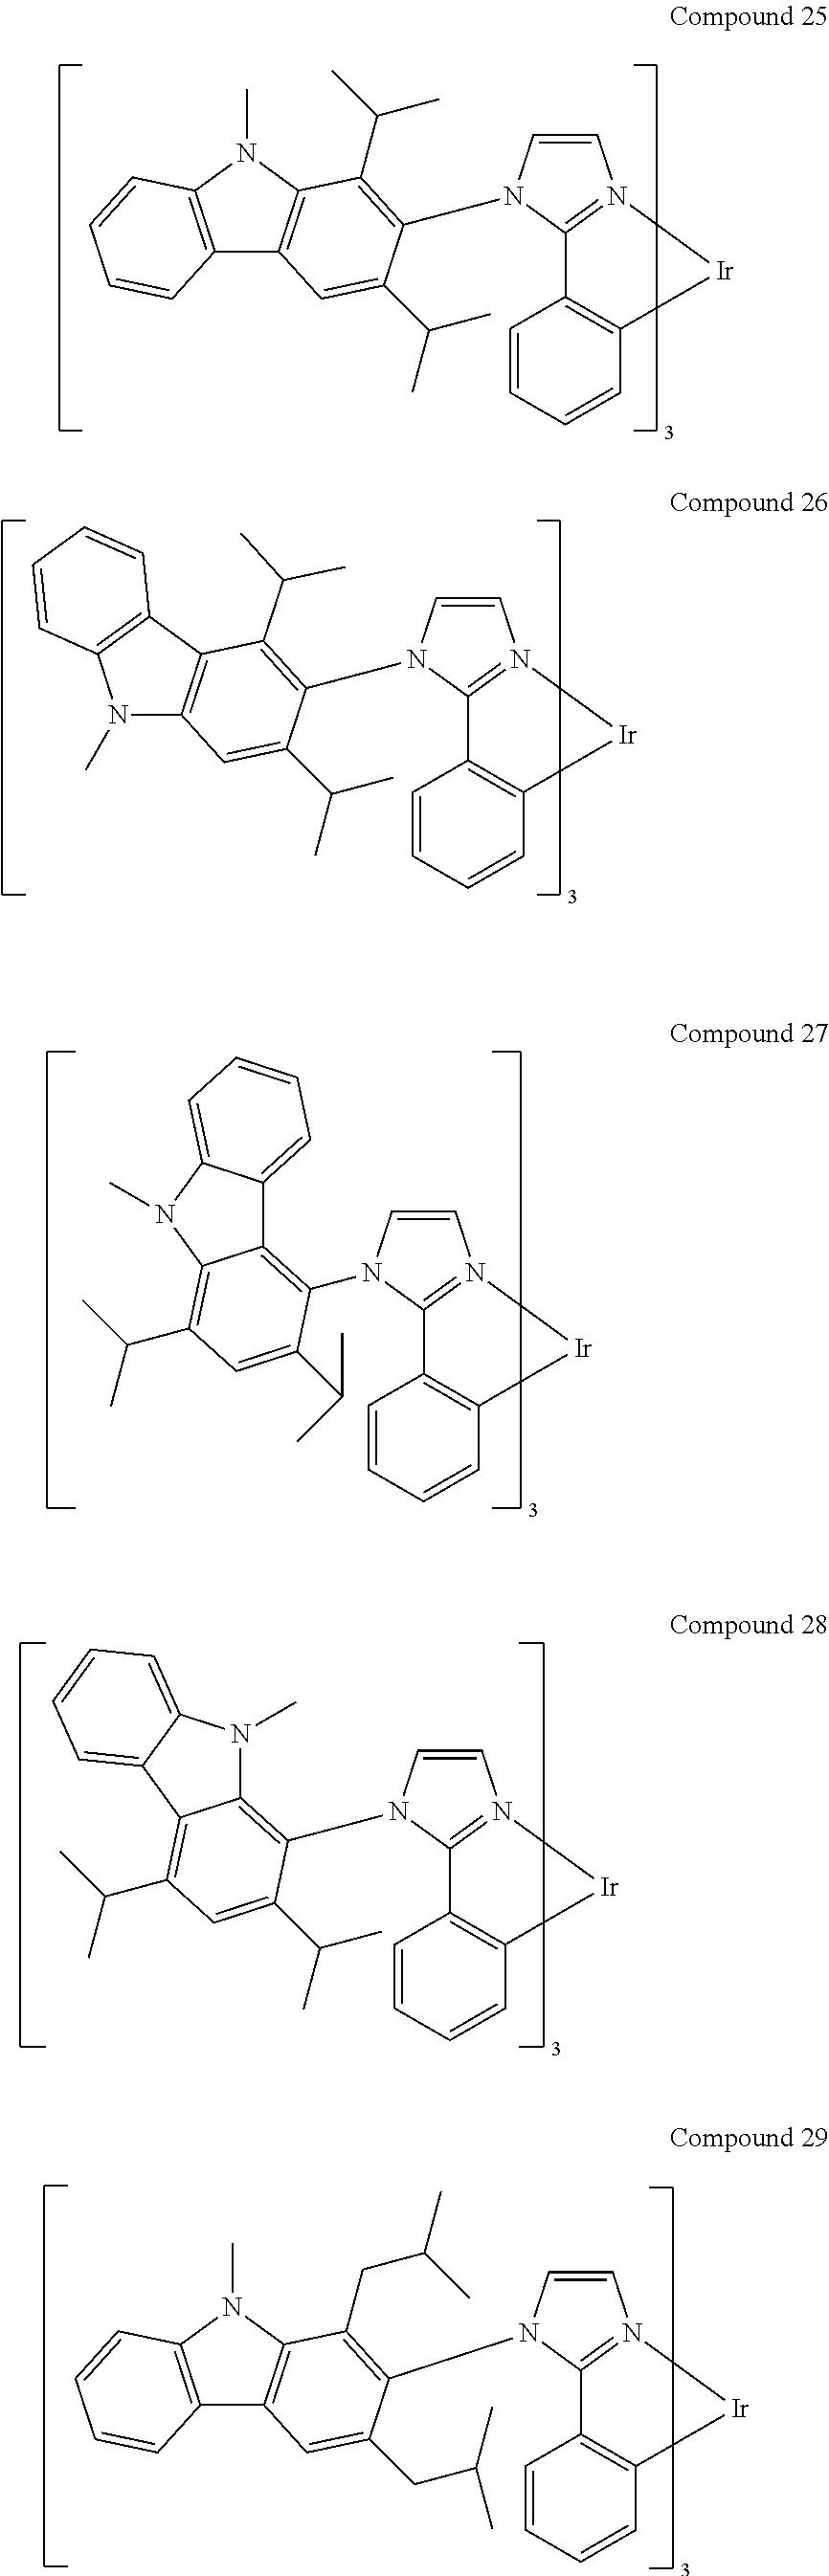 Figure US20110204333A1-20110825-C00273